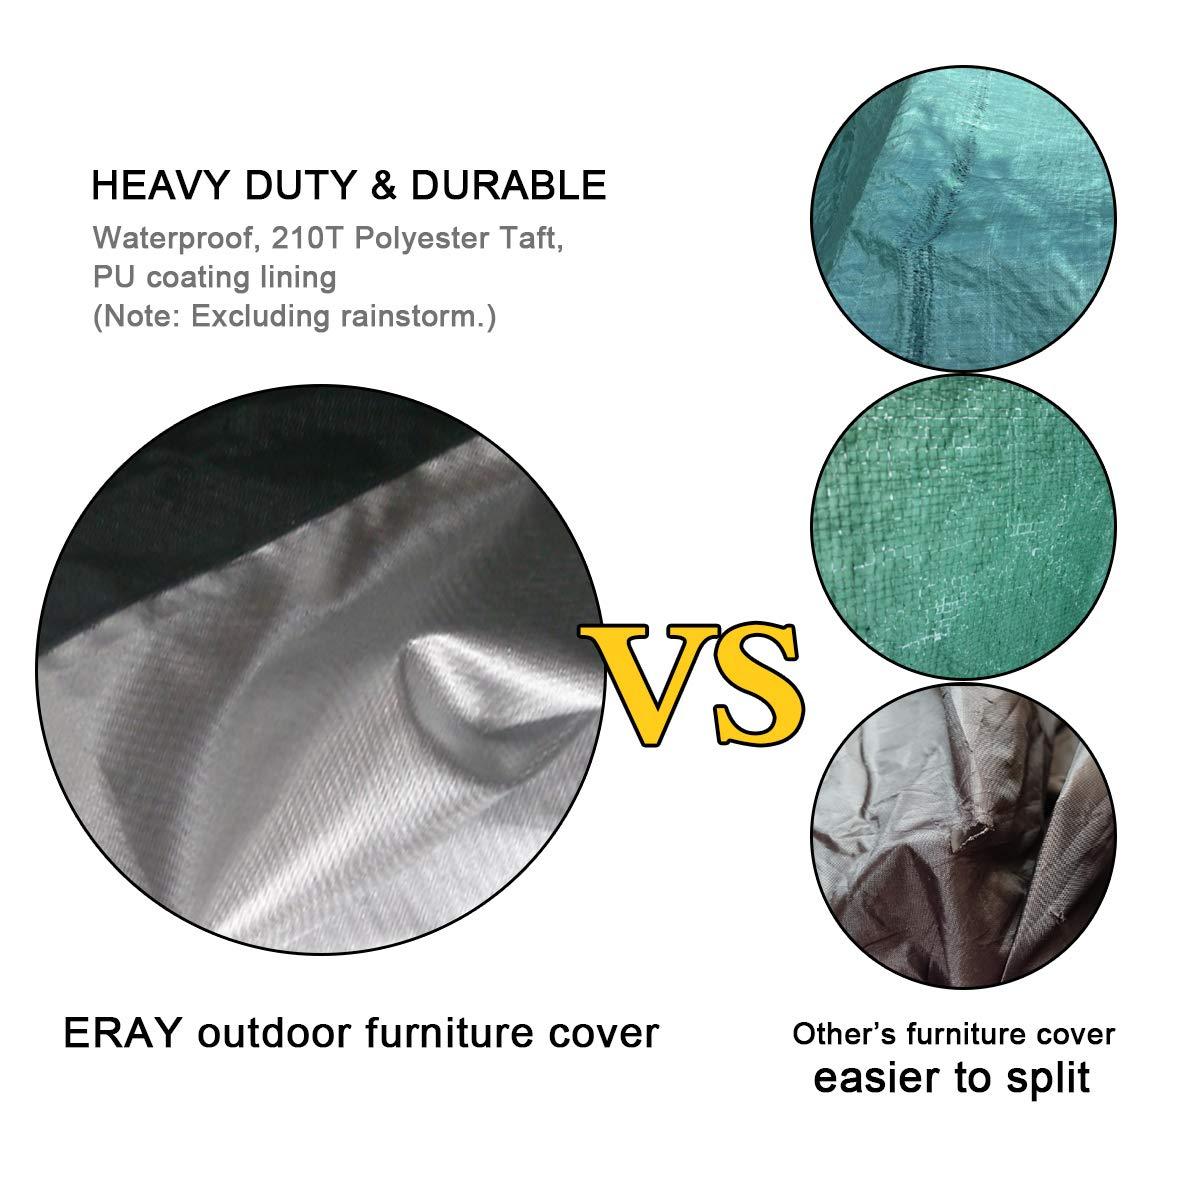 Impermeabile e Antipolvere colore Nero Telo da Copertura Protettiva ERAY per Mobili da Giardino dimenisoni 216x 173x 89cm// 7x 5.6x 2.9ft